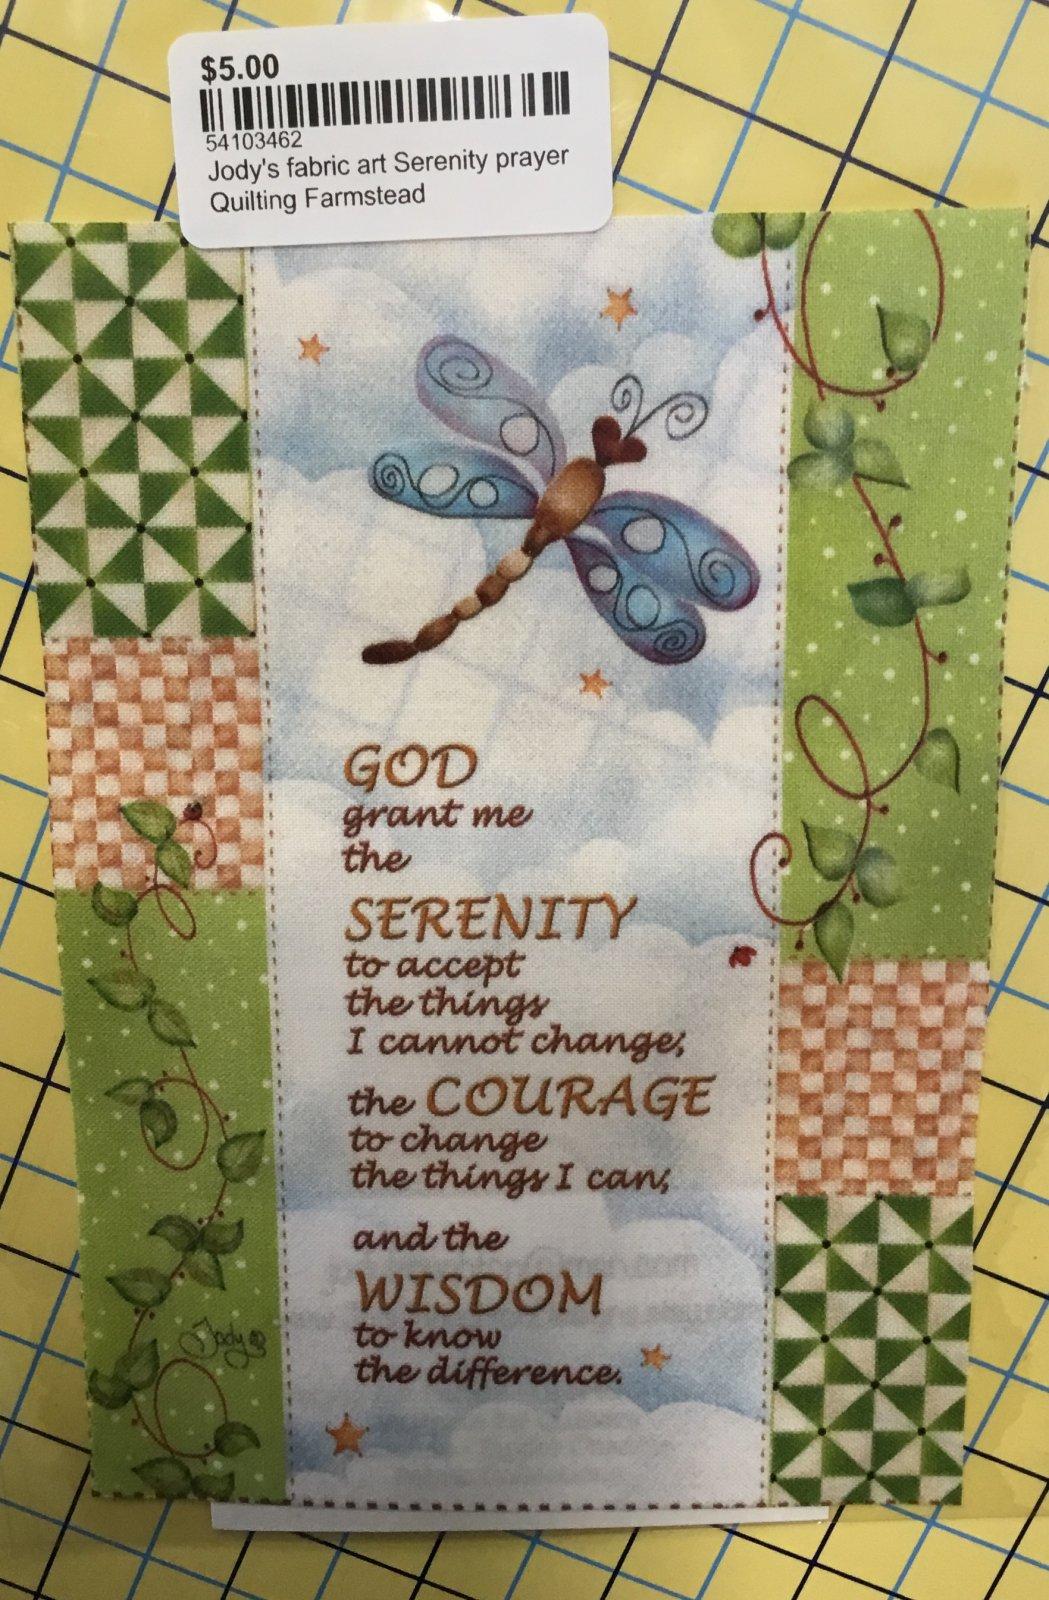 Jody's fabric art Serenity prayer